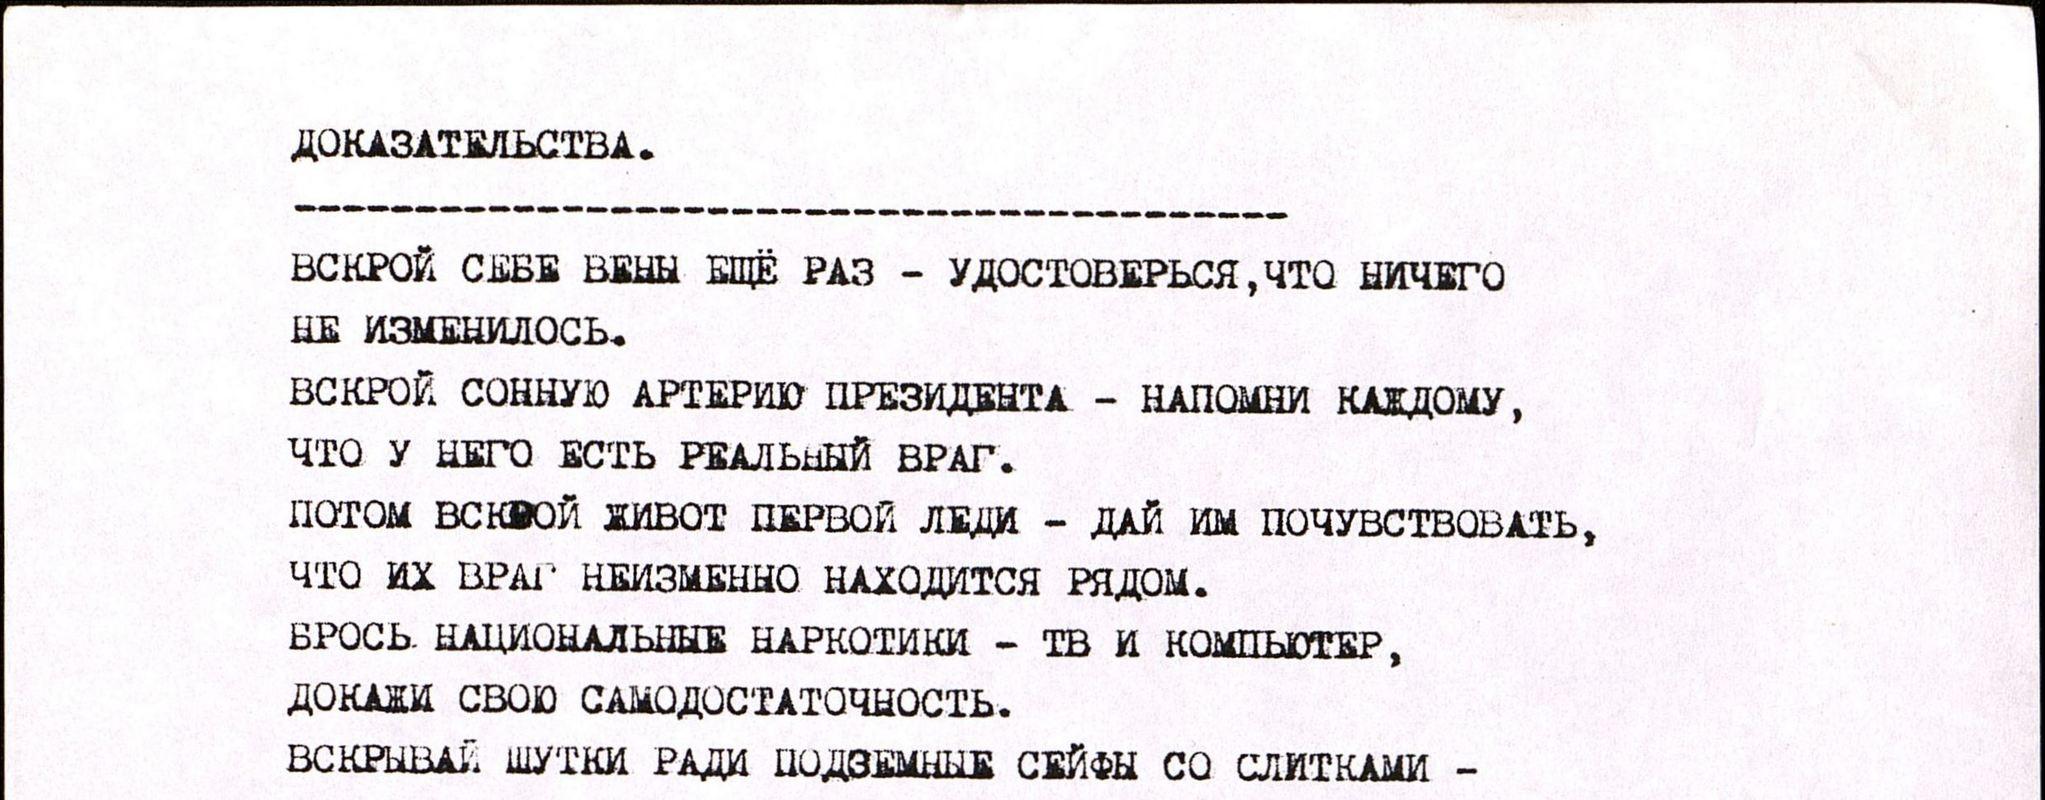 Текст Алексея Зубаржука «Доказательства»